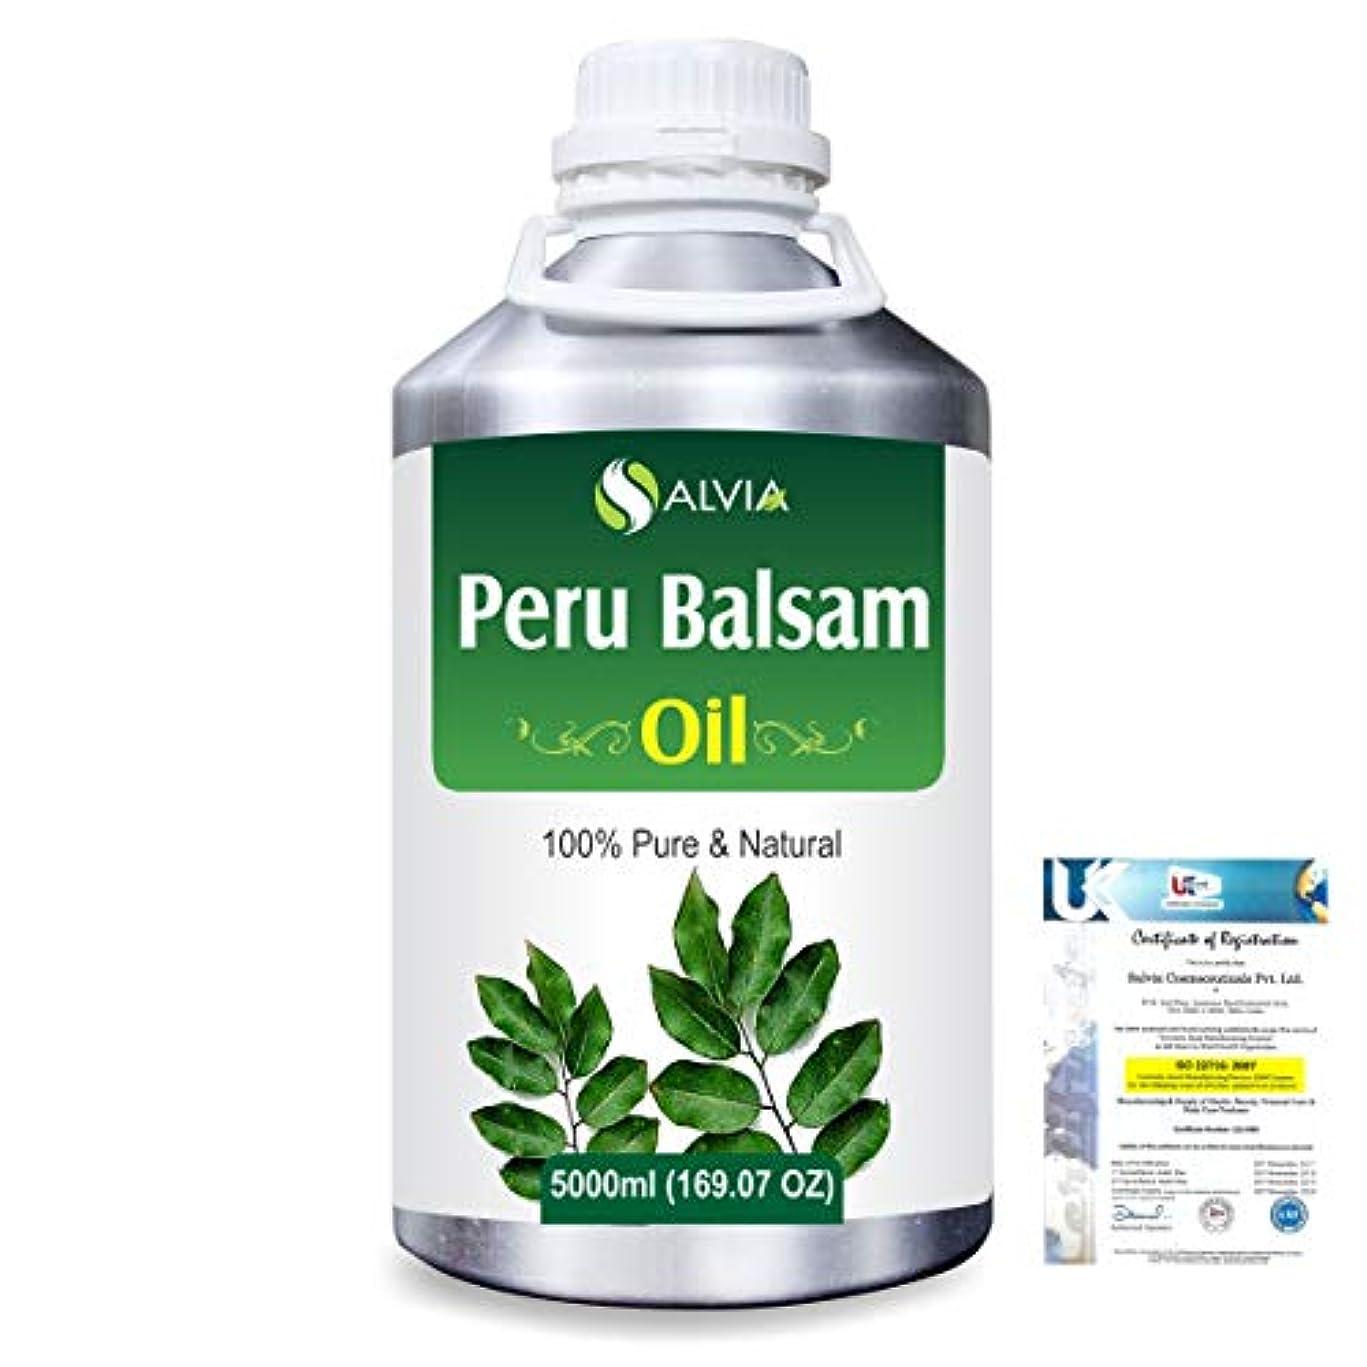 Peru Balsam (Myroxylon Pereirae) 100% Natural Pure Essential Oil 5000ml/169fl.oz.